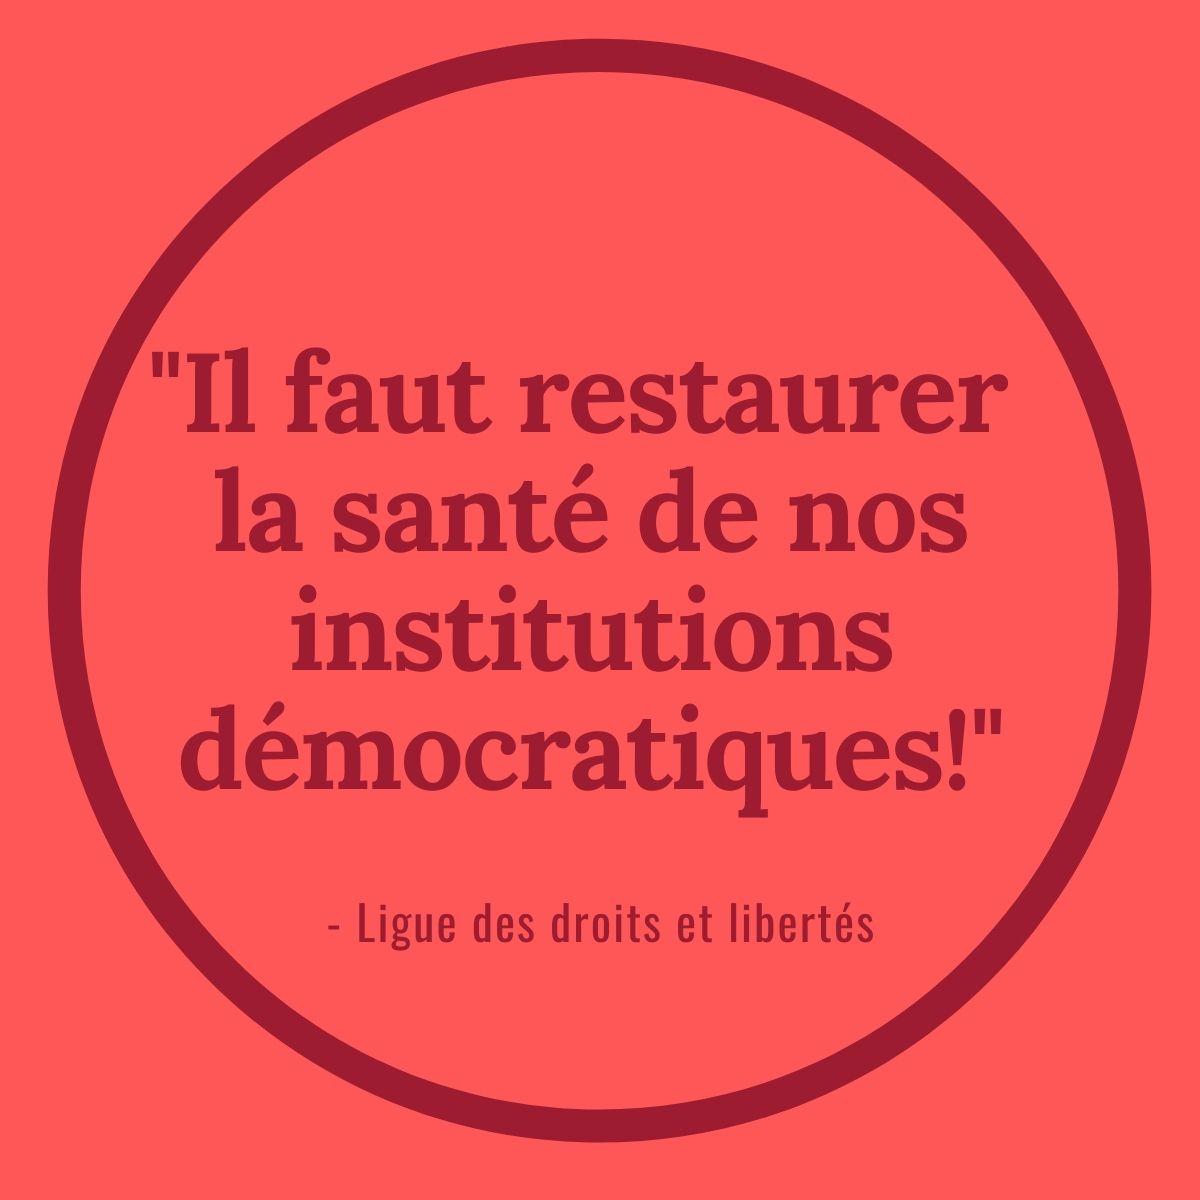 IL faut restaurer la santé de nos institutions démocratiques